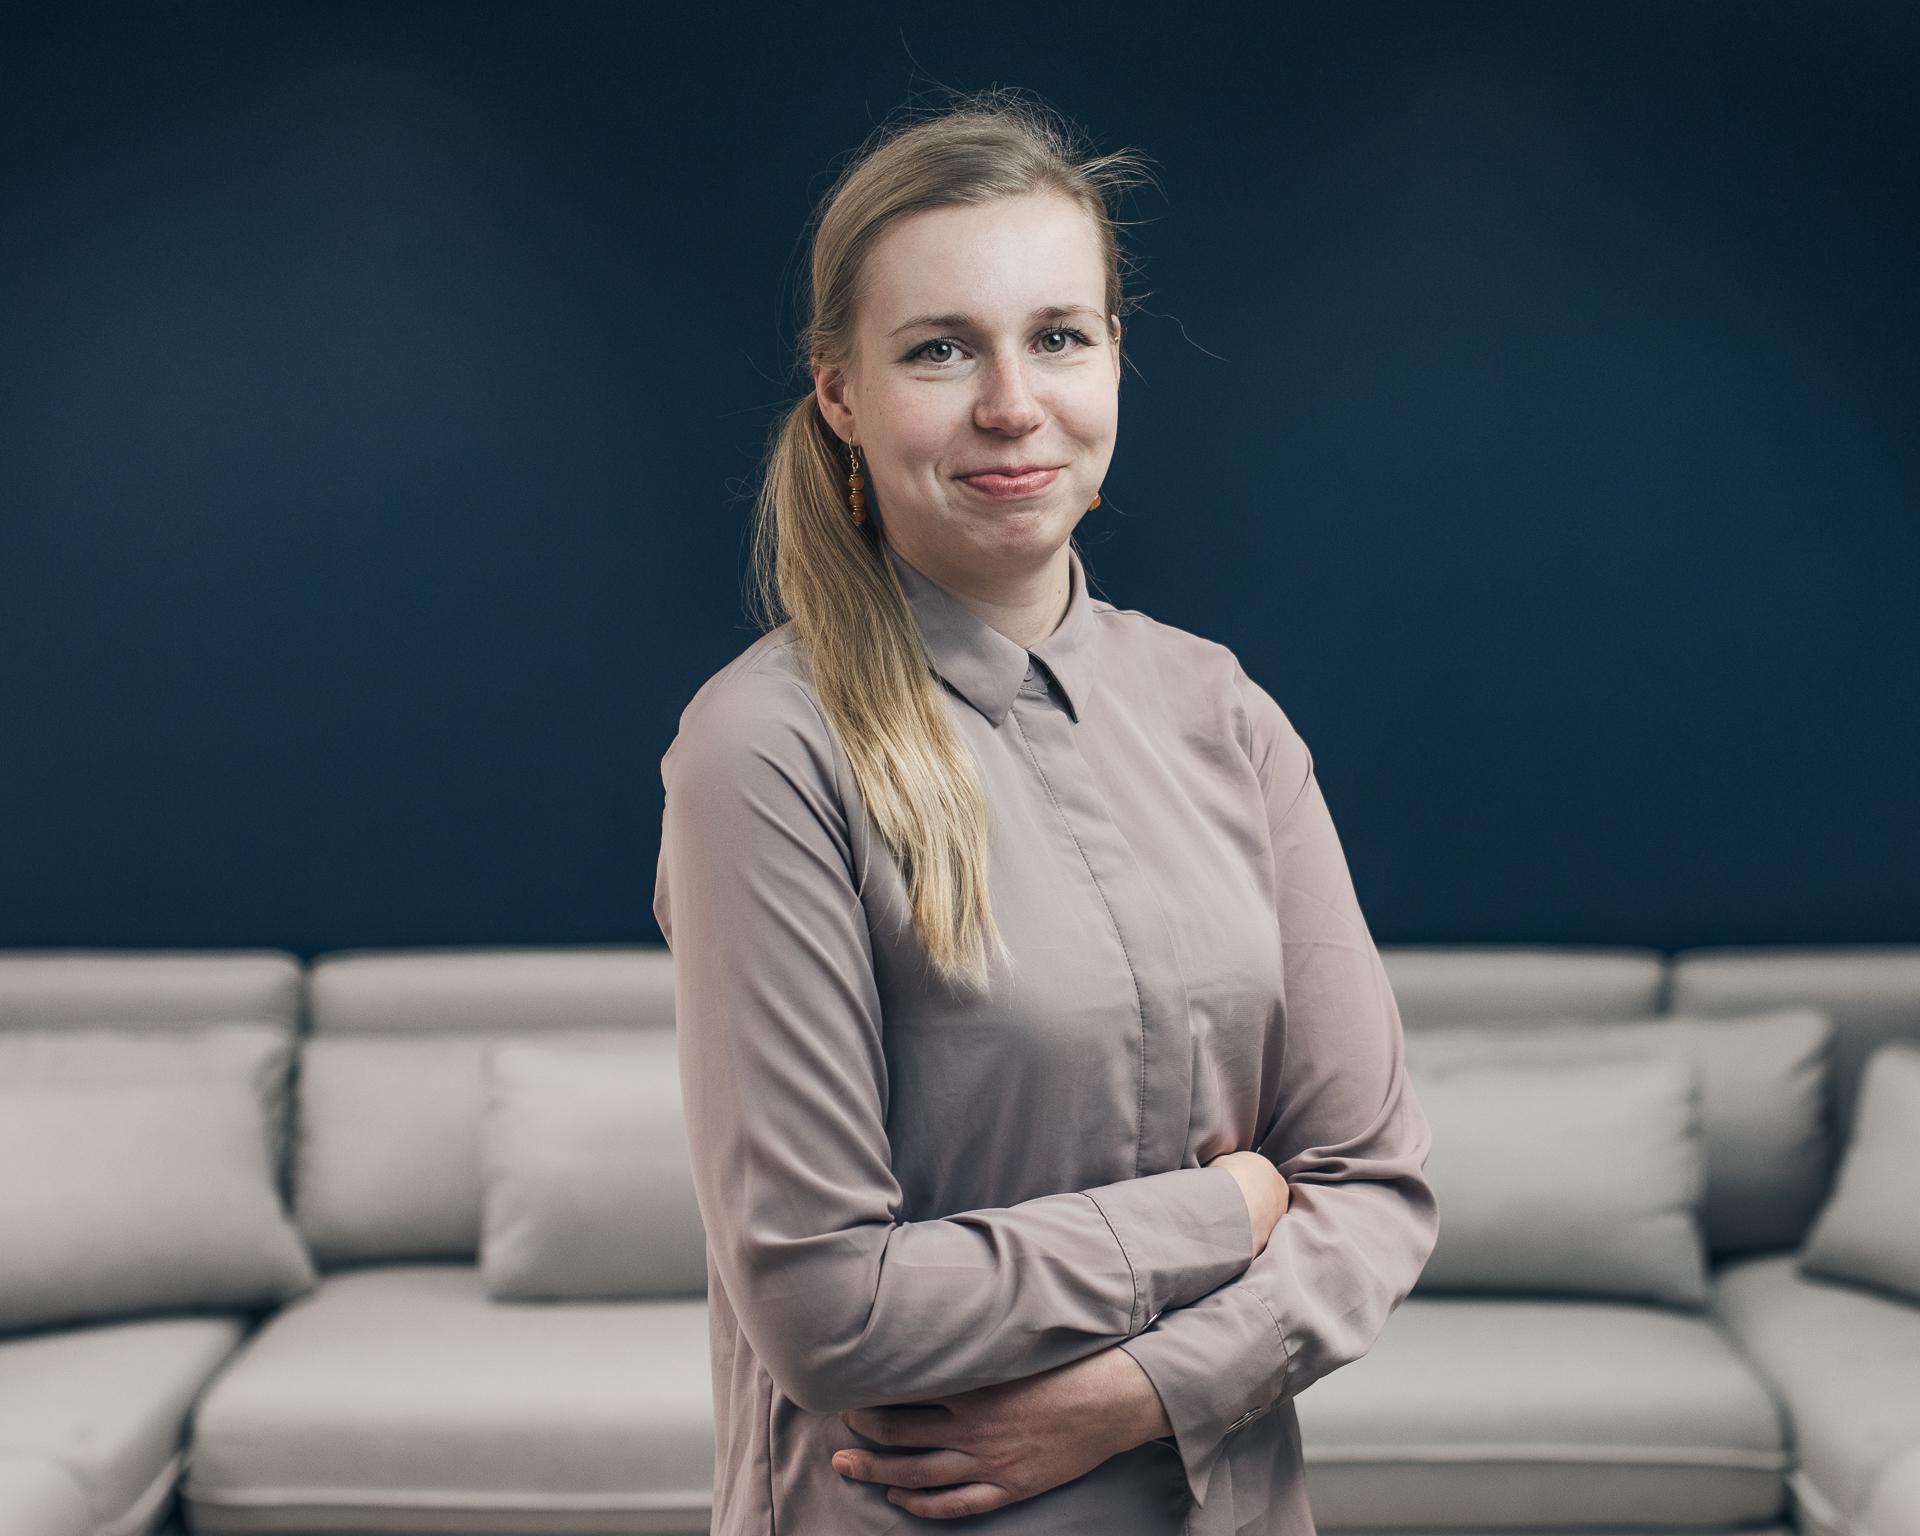 Hannele Myllymäki